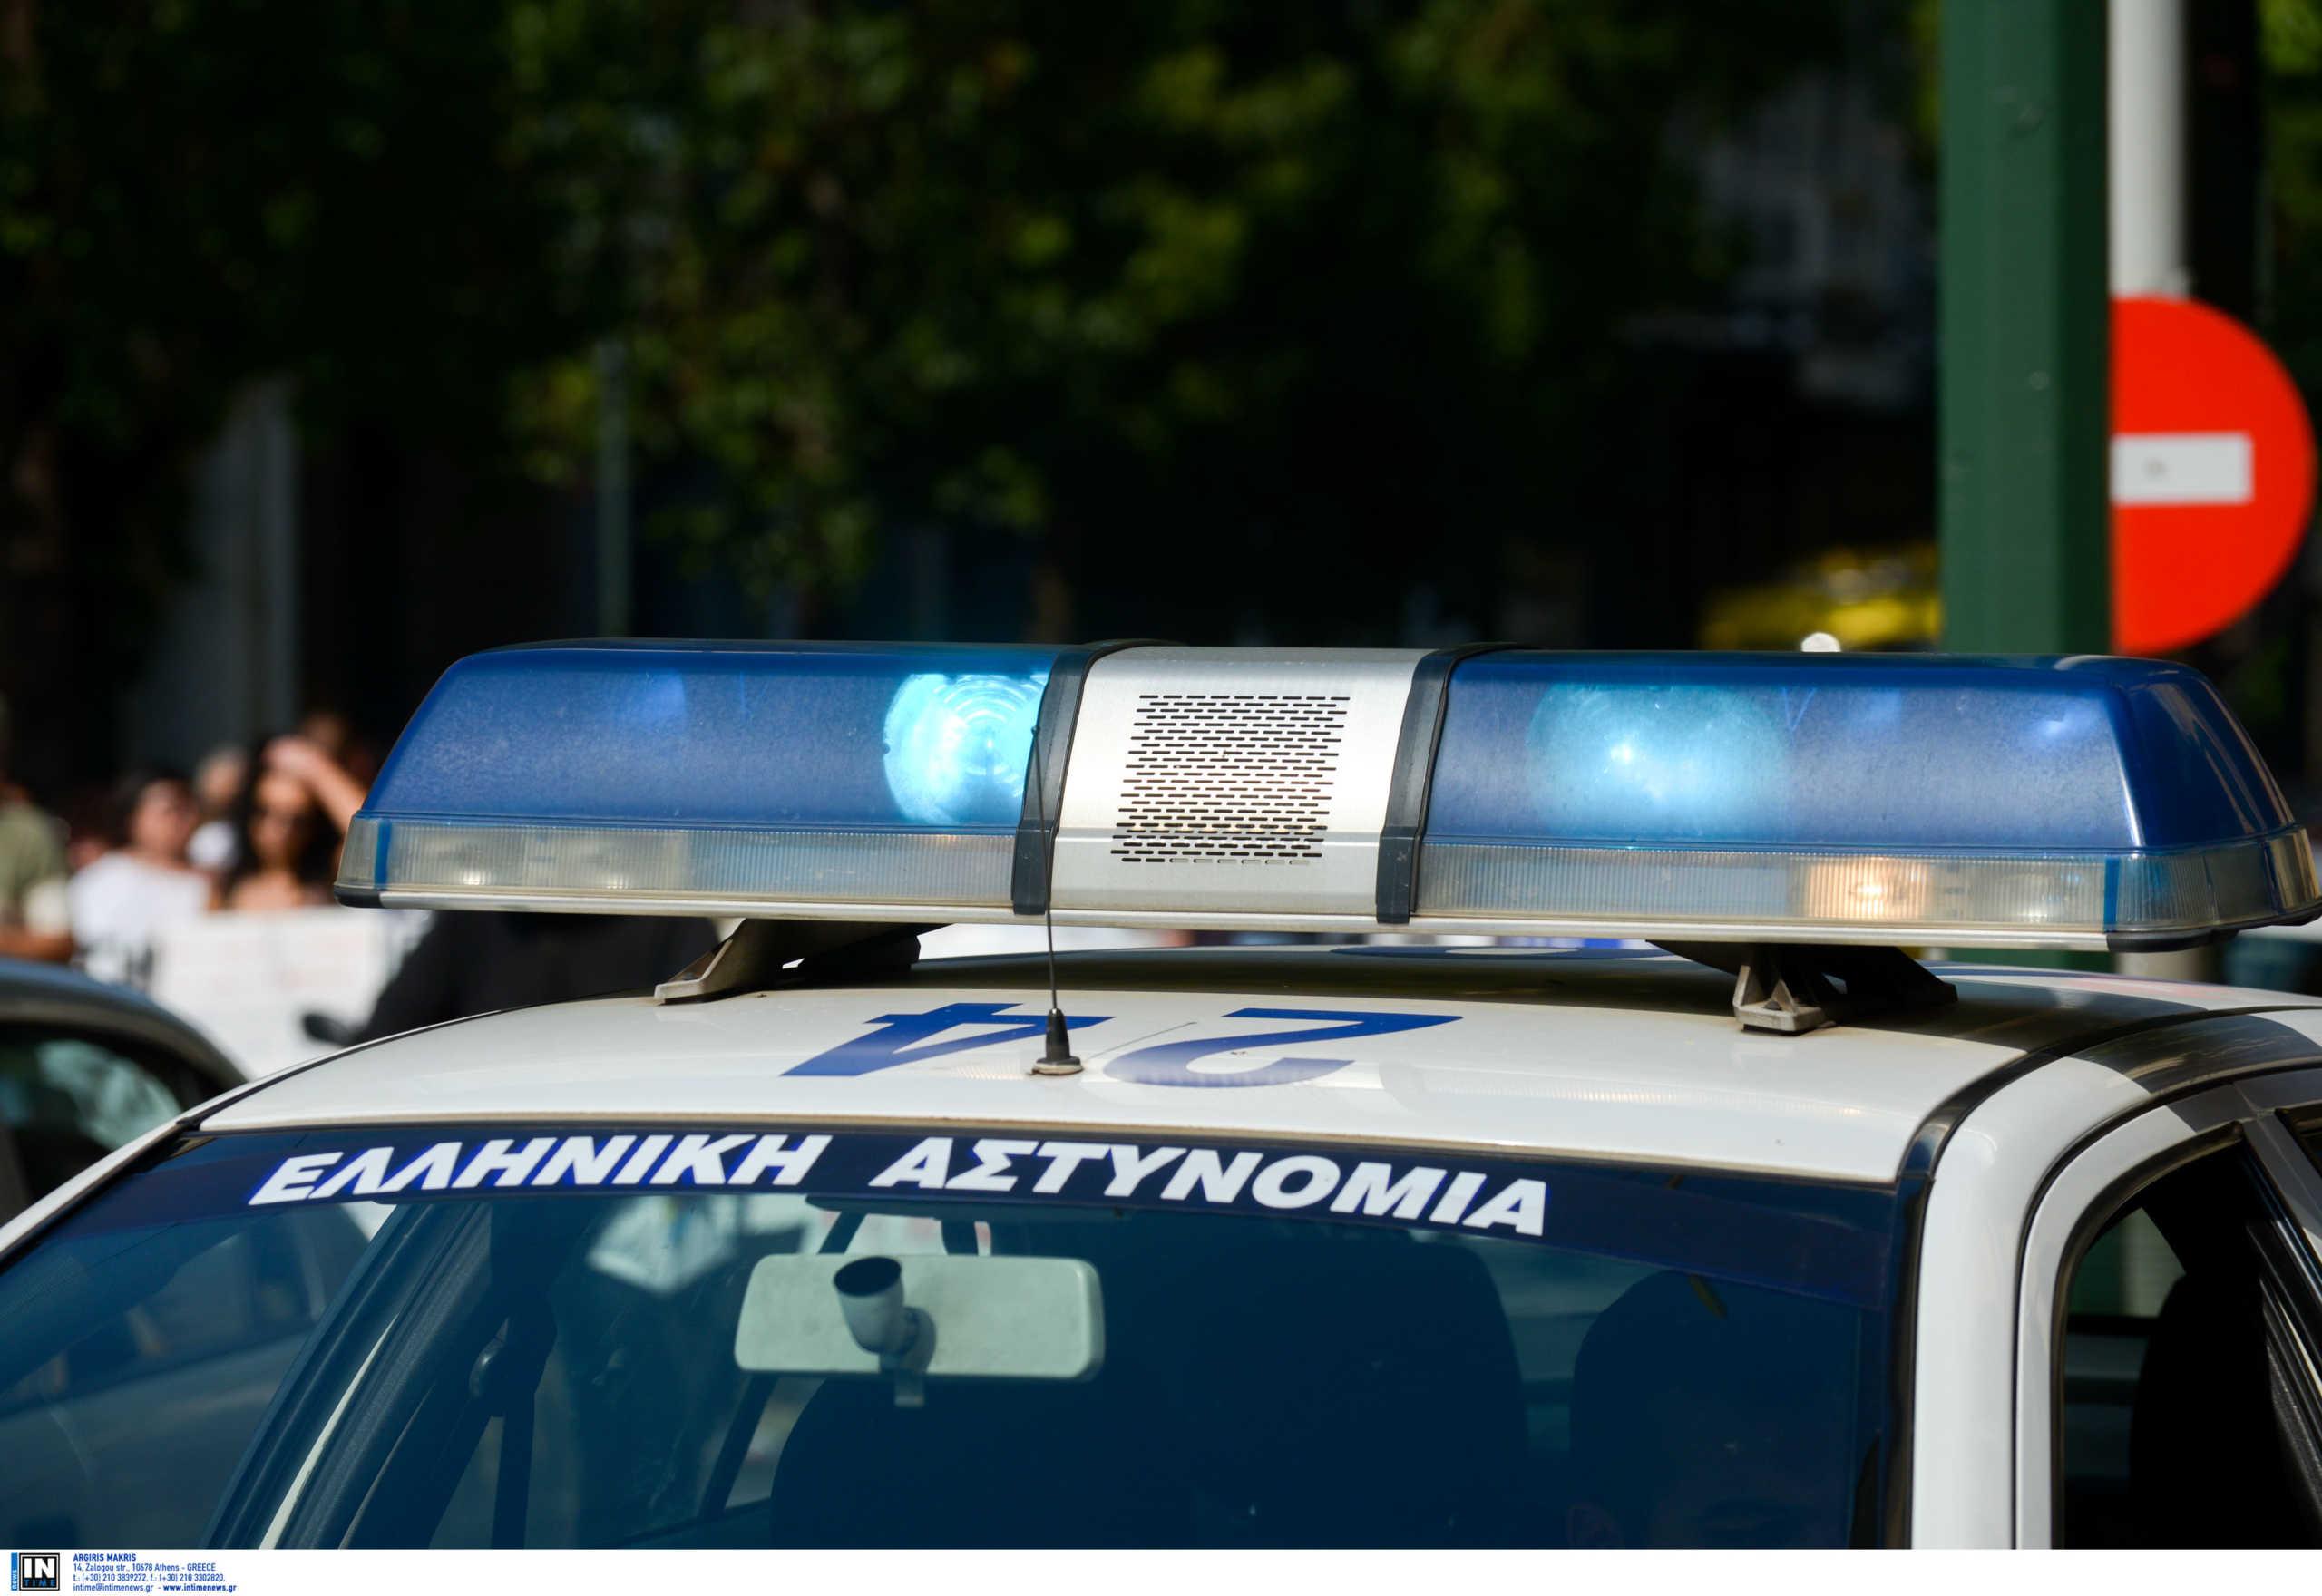 Θρίλερ στον Ασπρόπυργο: Βρήκαν εκτελεσμένους δυο άνδρες μέσα σε κοντέινερ